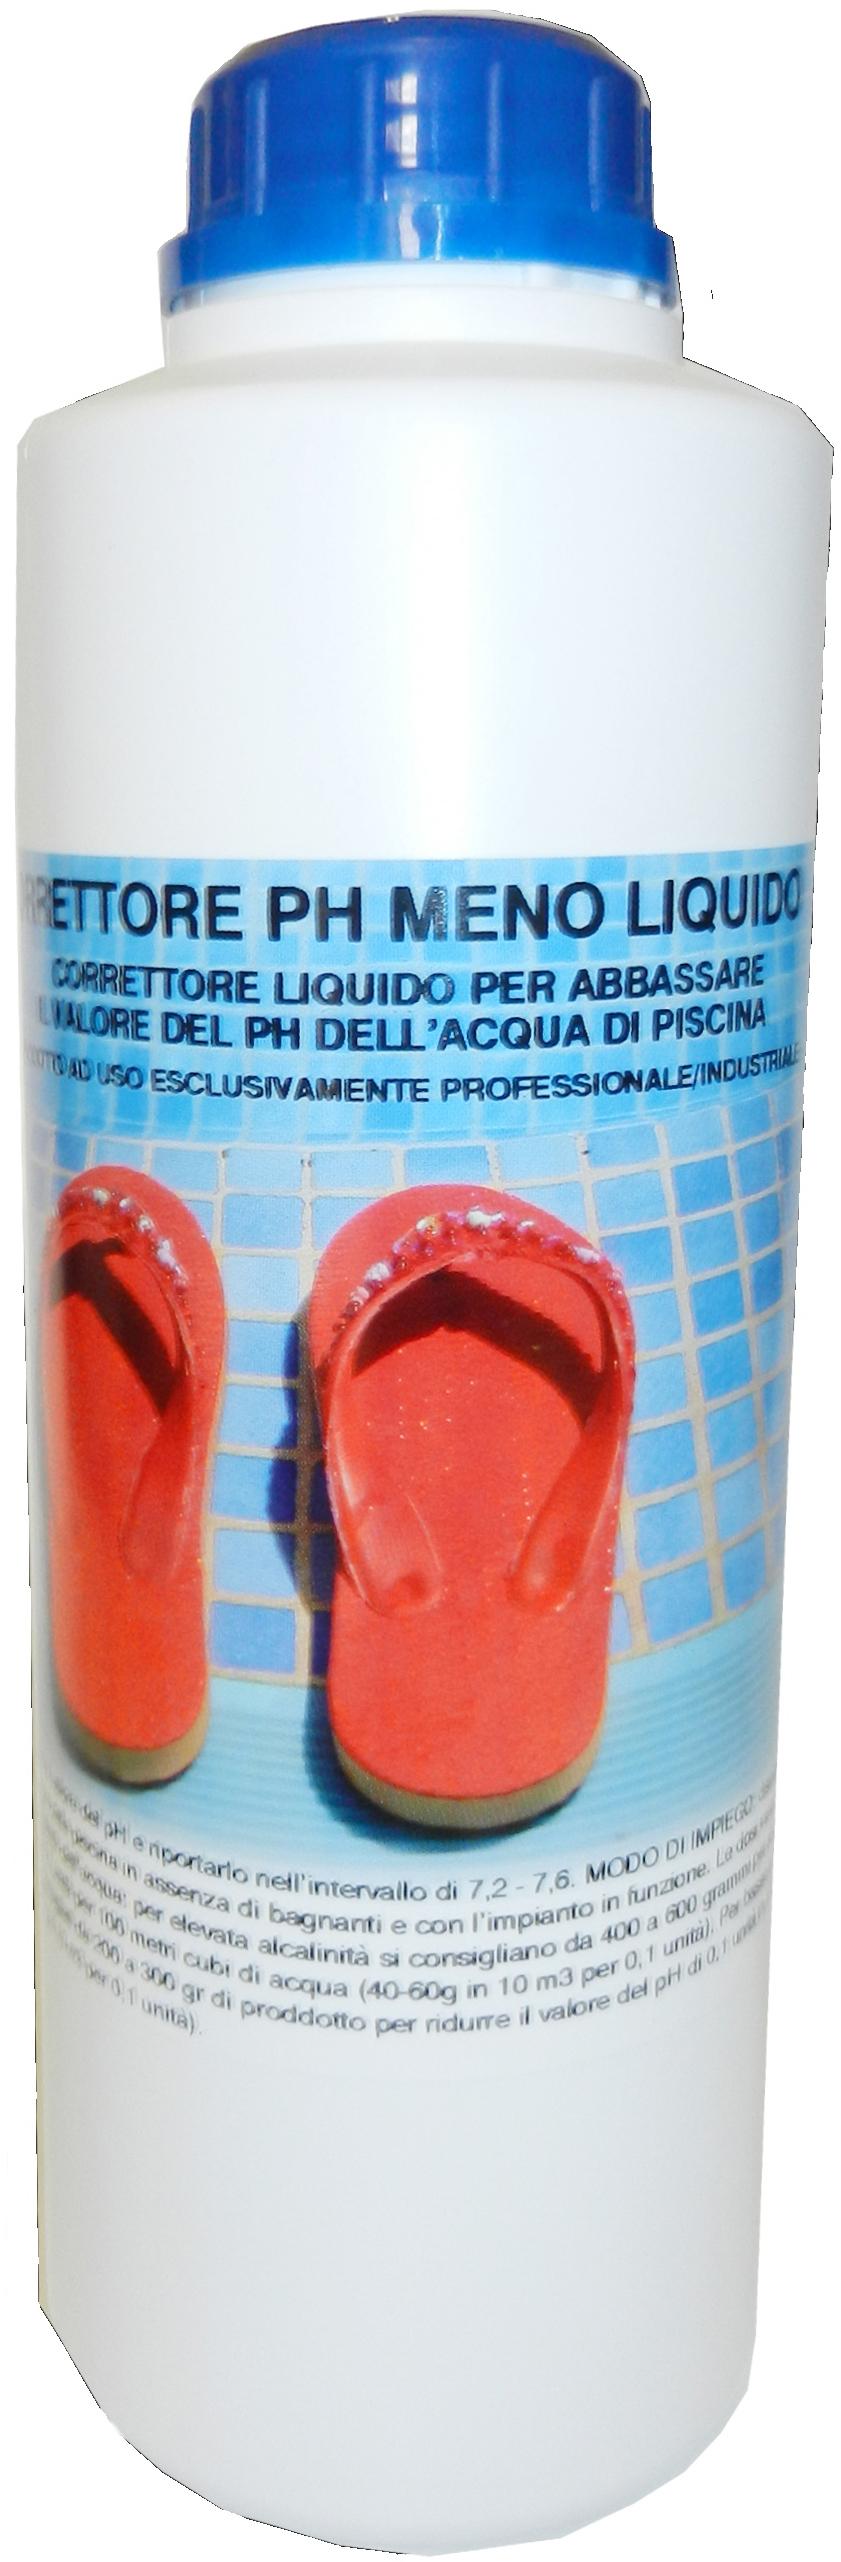 correttore ph liquido